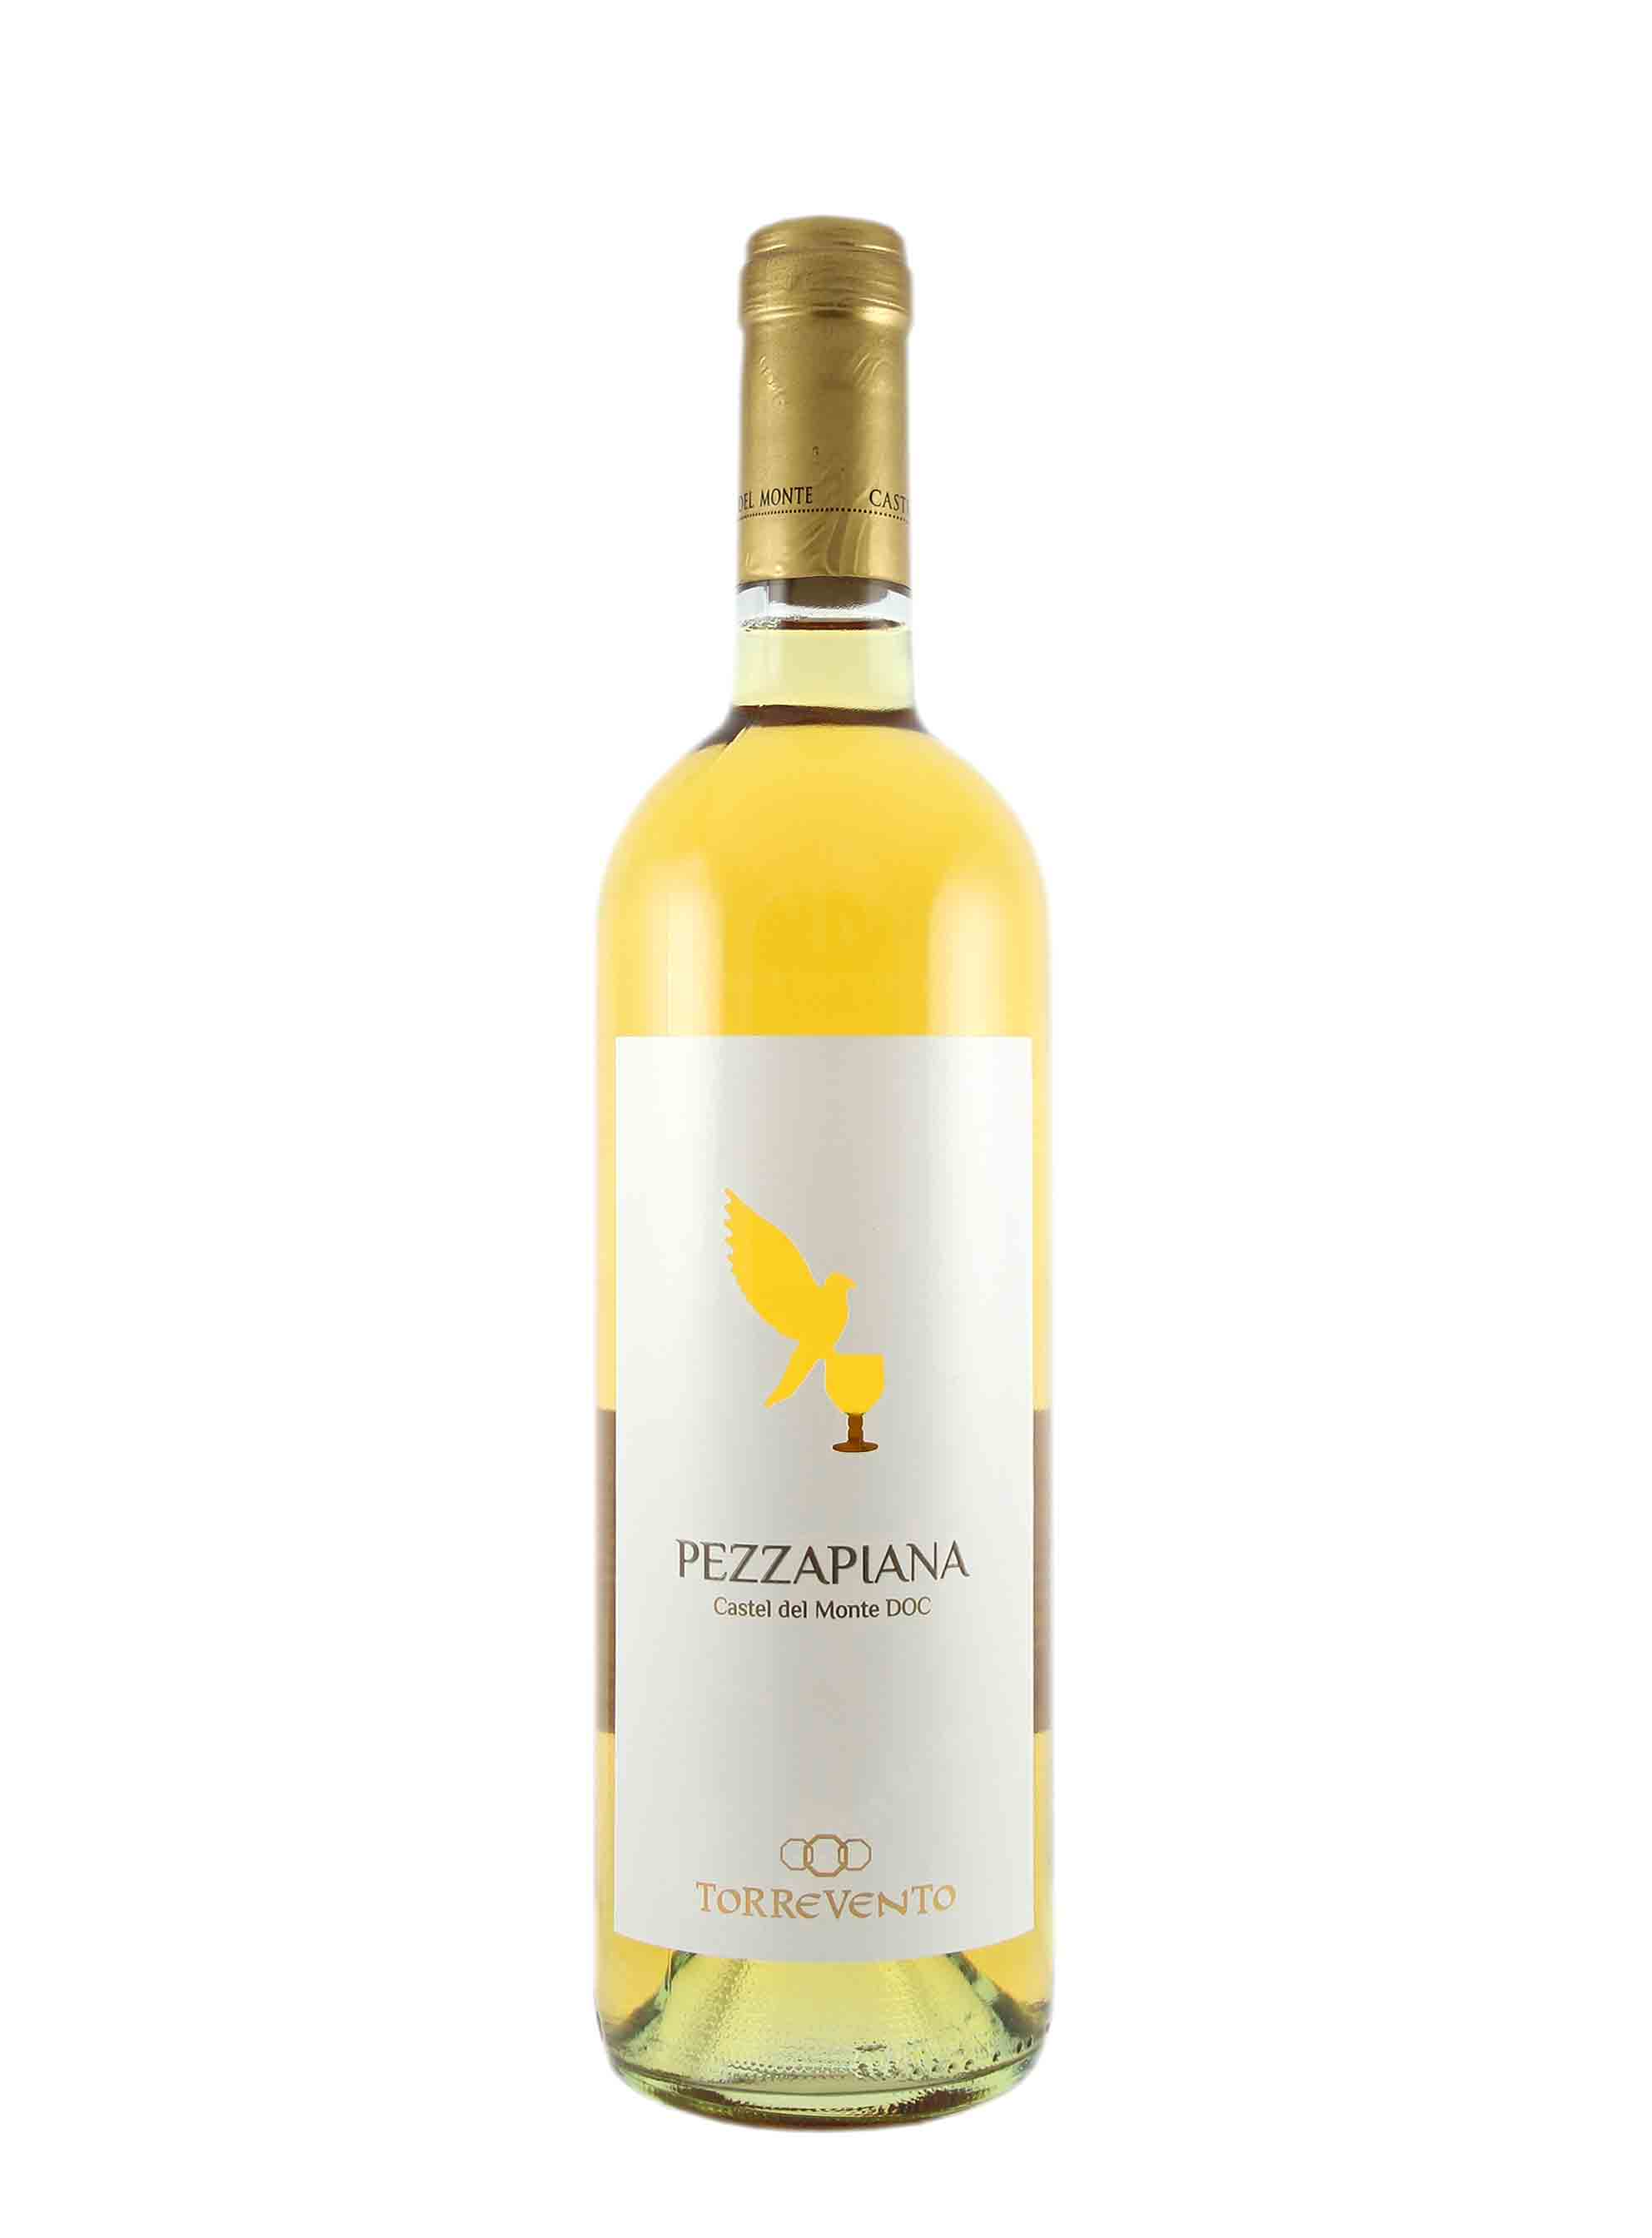 Cuvée, Pezzapiana, DOC, 2010, Torrevento, 0.75 l